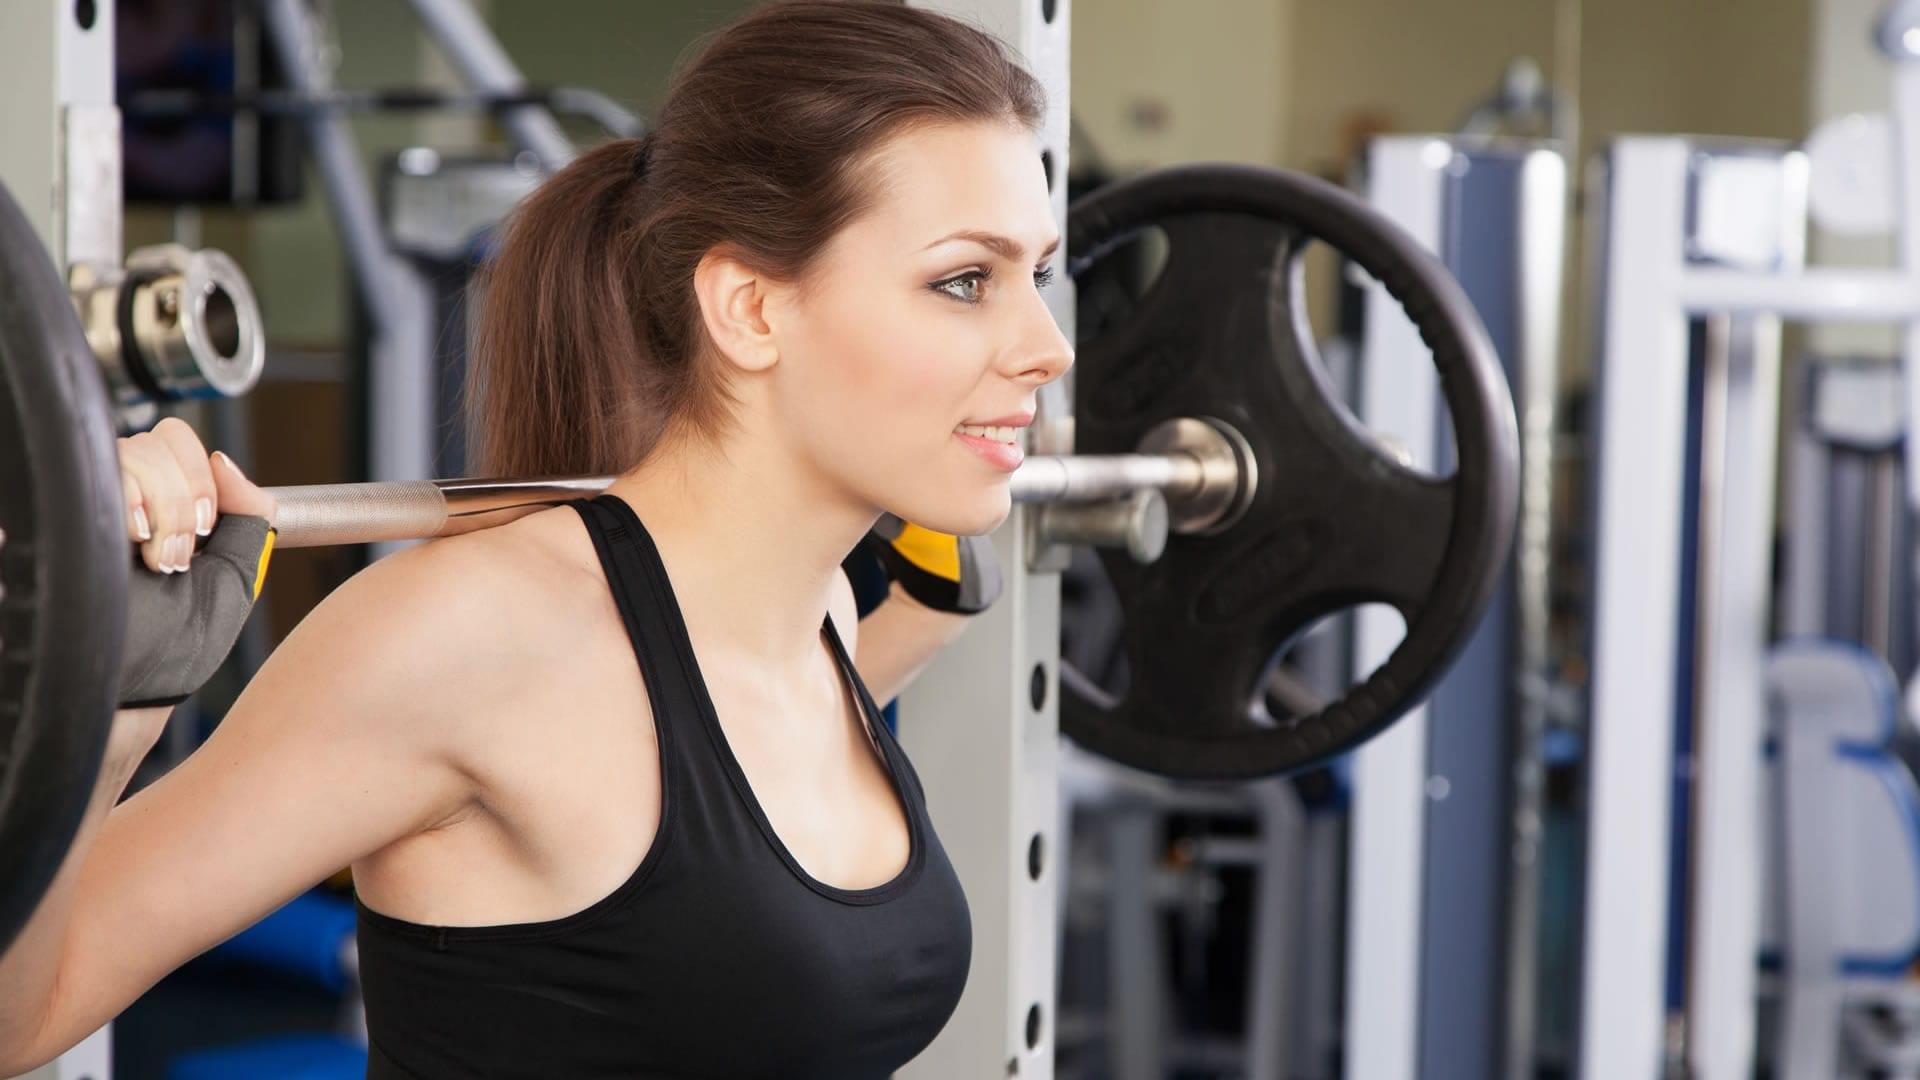 Los Mejores Suplementos Para Ganar Masa Muscular   2021